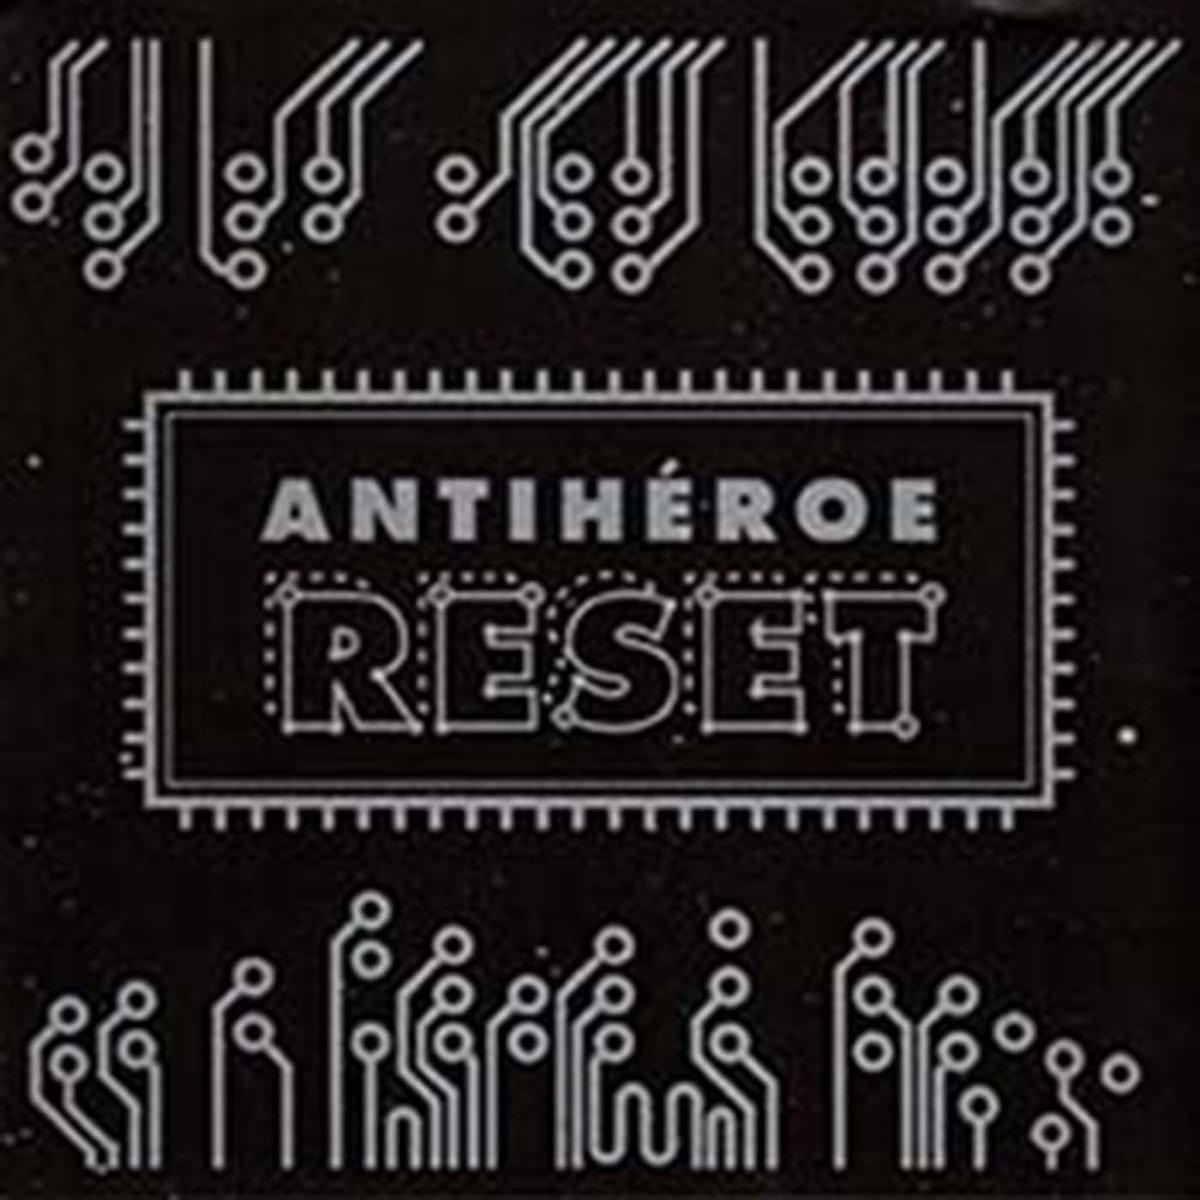 Antiheroe: Reset 【予約受付中】